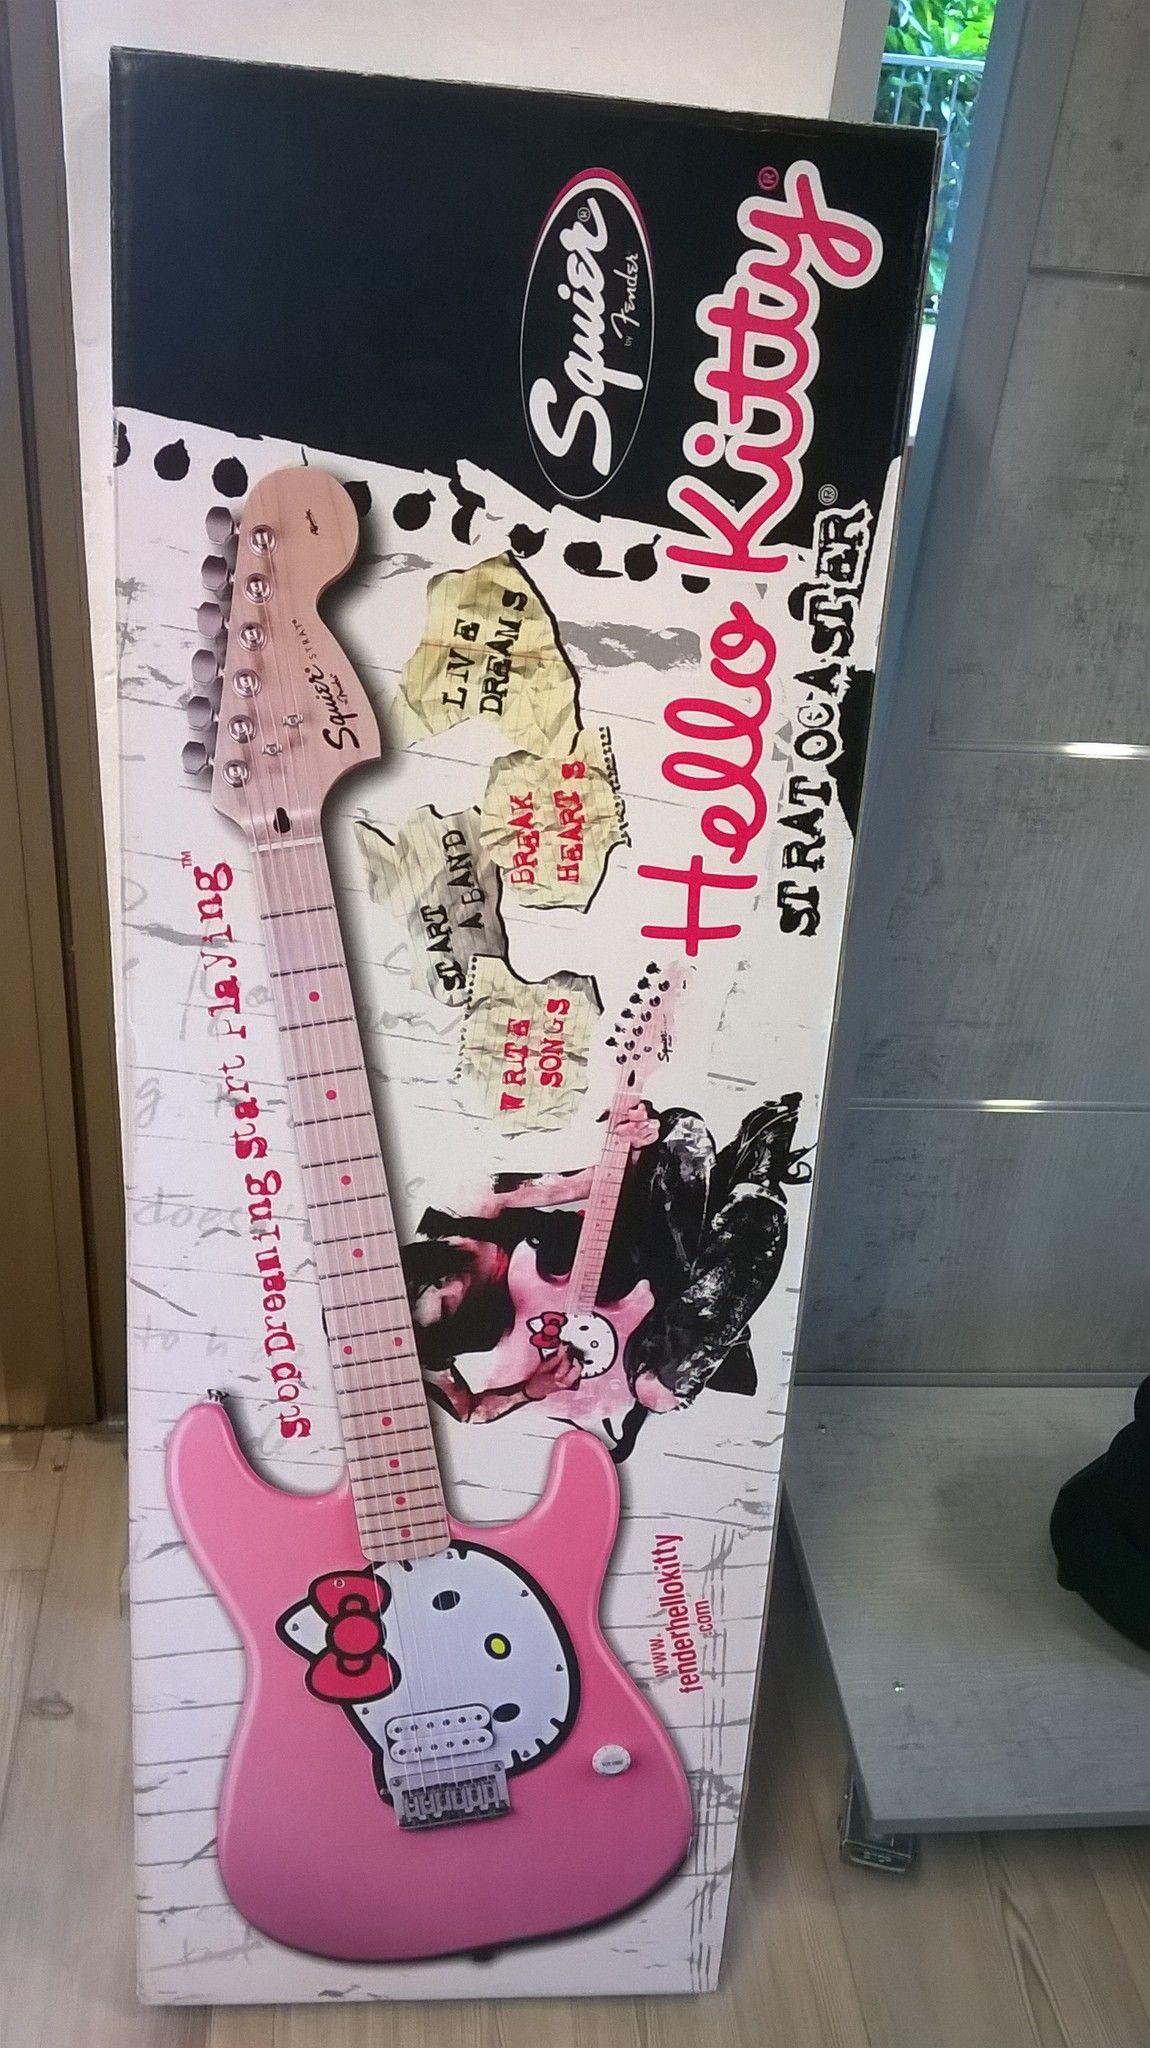 Chitarra Elettrica Squire Hello Kitty Nuova Imballo Originale